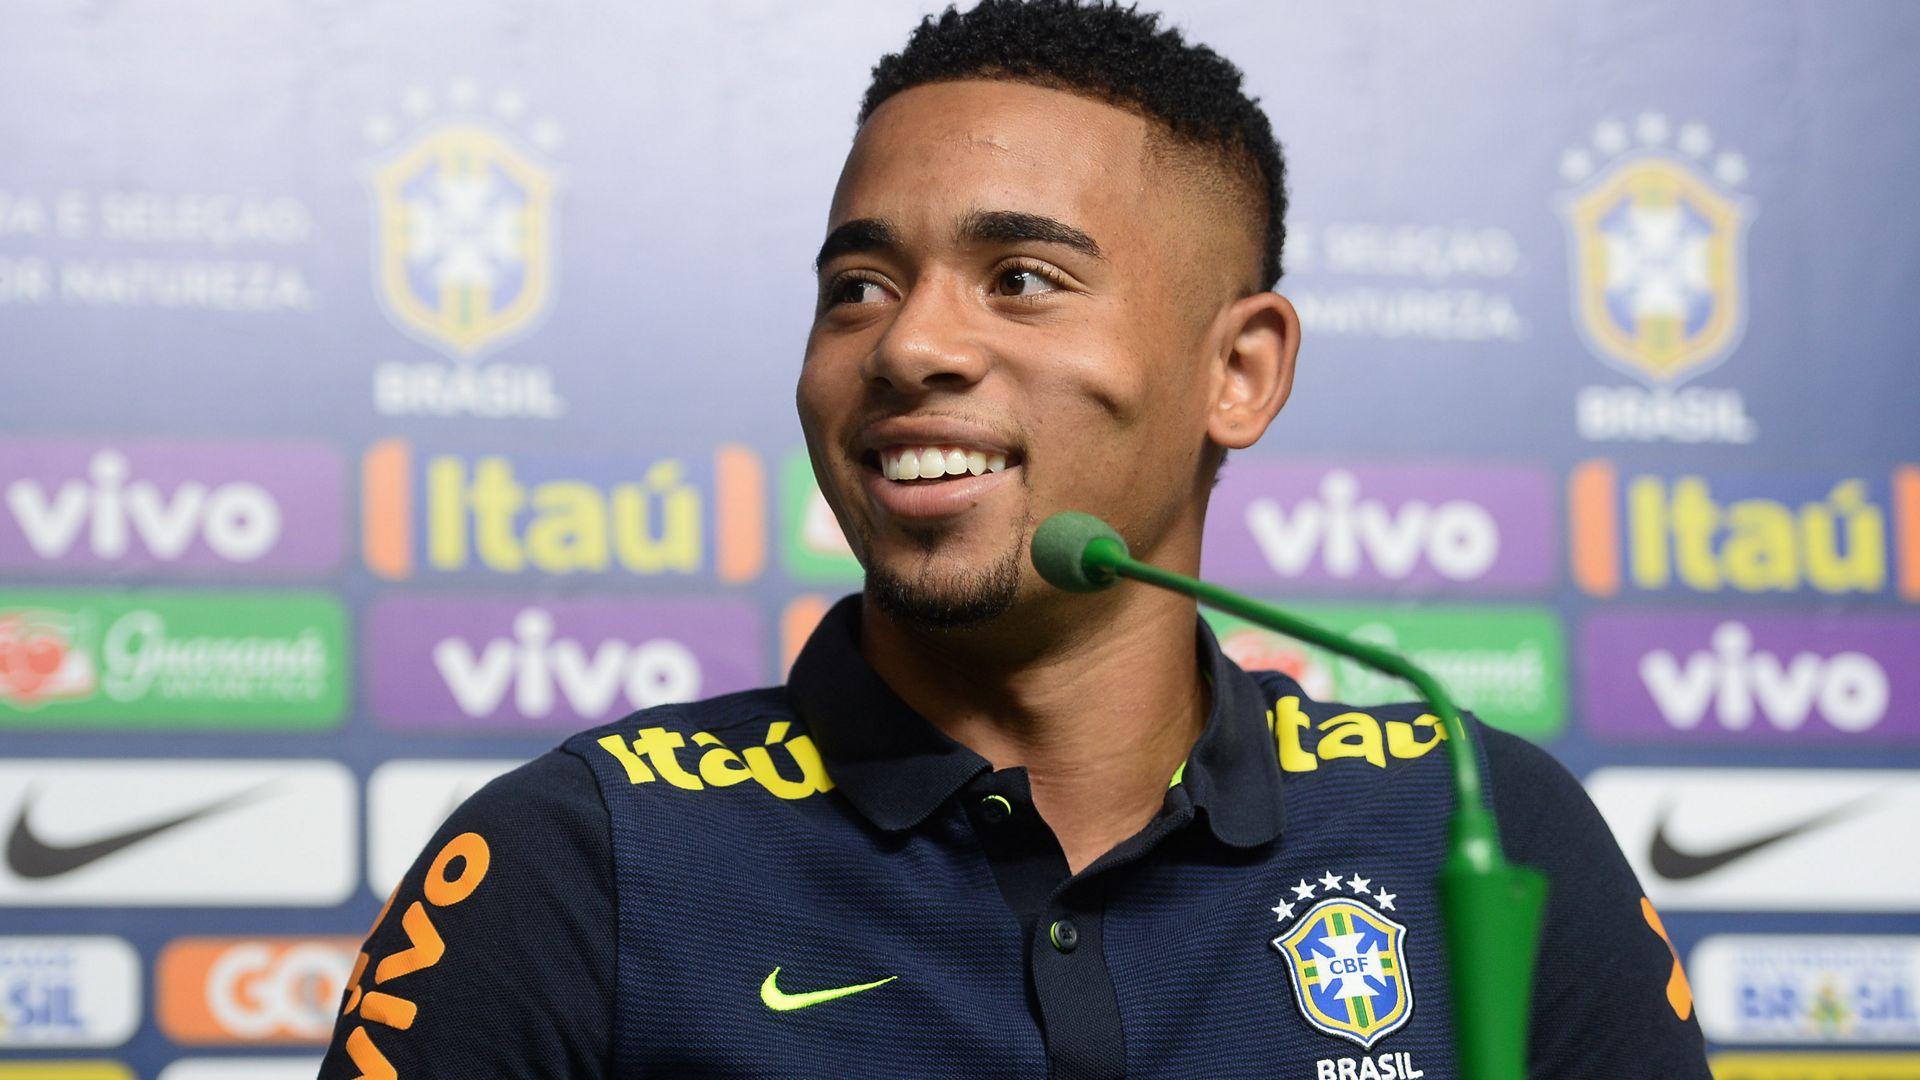 Loja vende camisa do Palmeiras com nome e número de Neymar